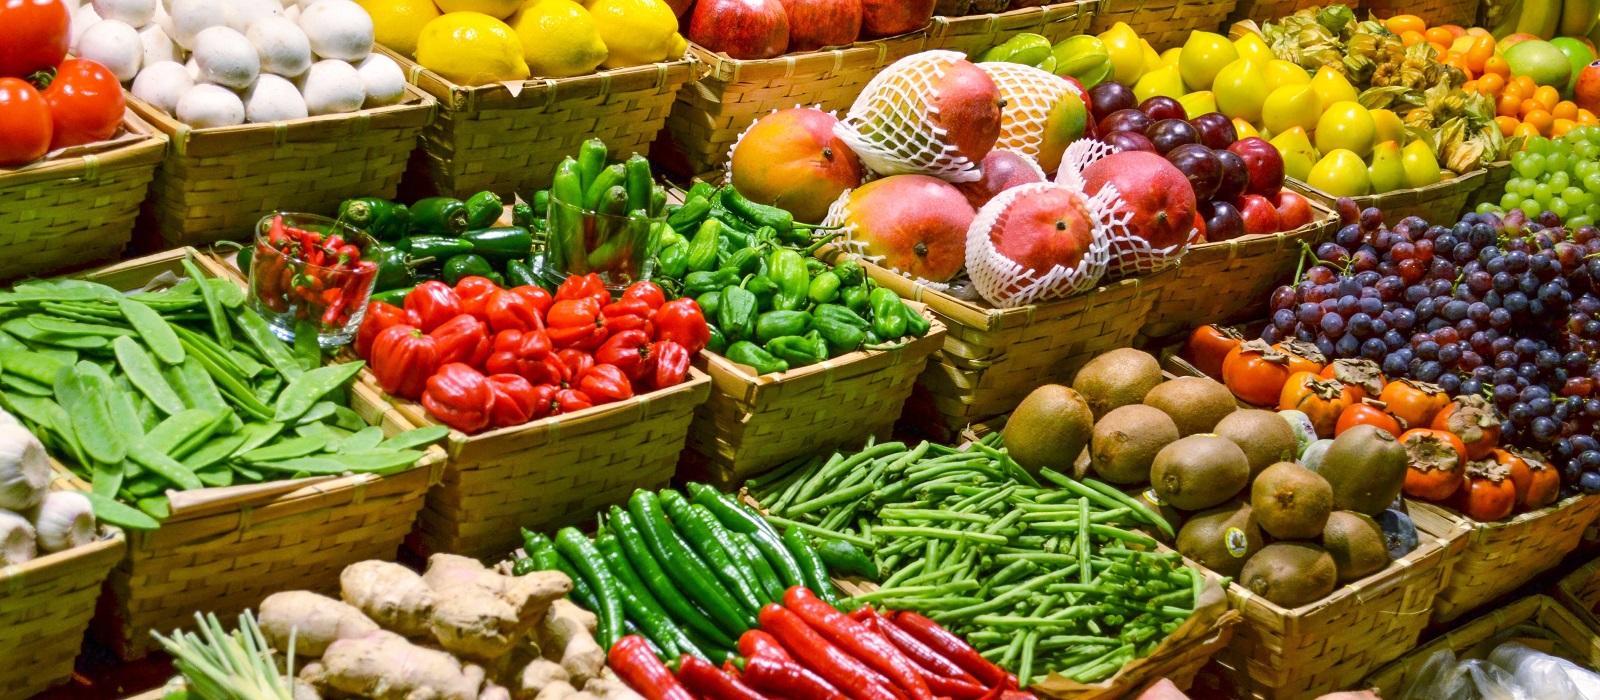 الخضروات والفاكهة في مصر